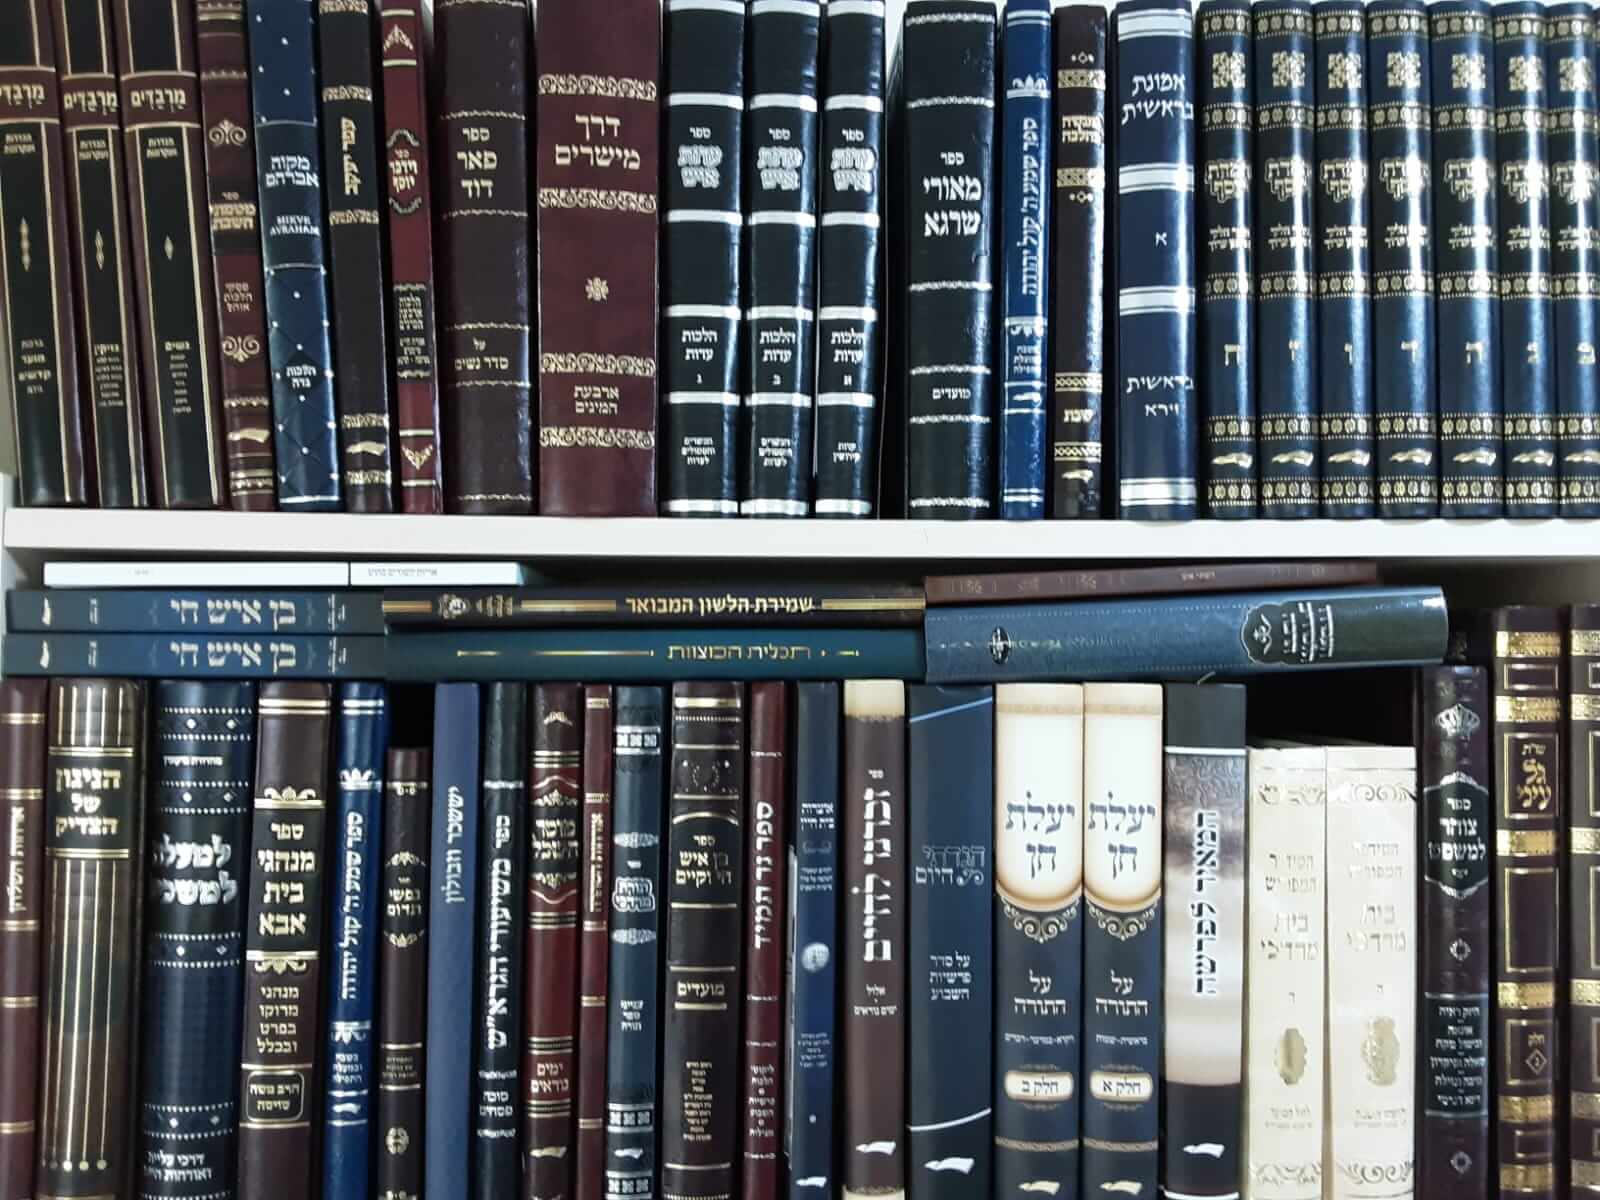 הוצאת ספרי קודש: כל מה שצריך לדעת - טקסט רץ הוצאה לאור